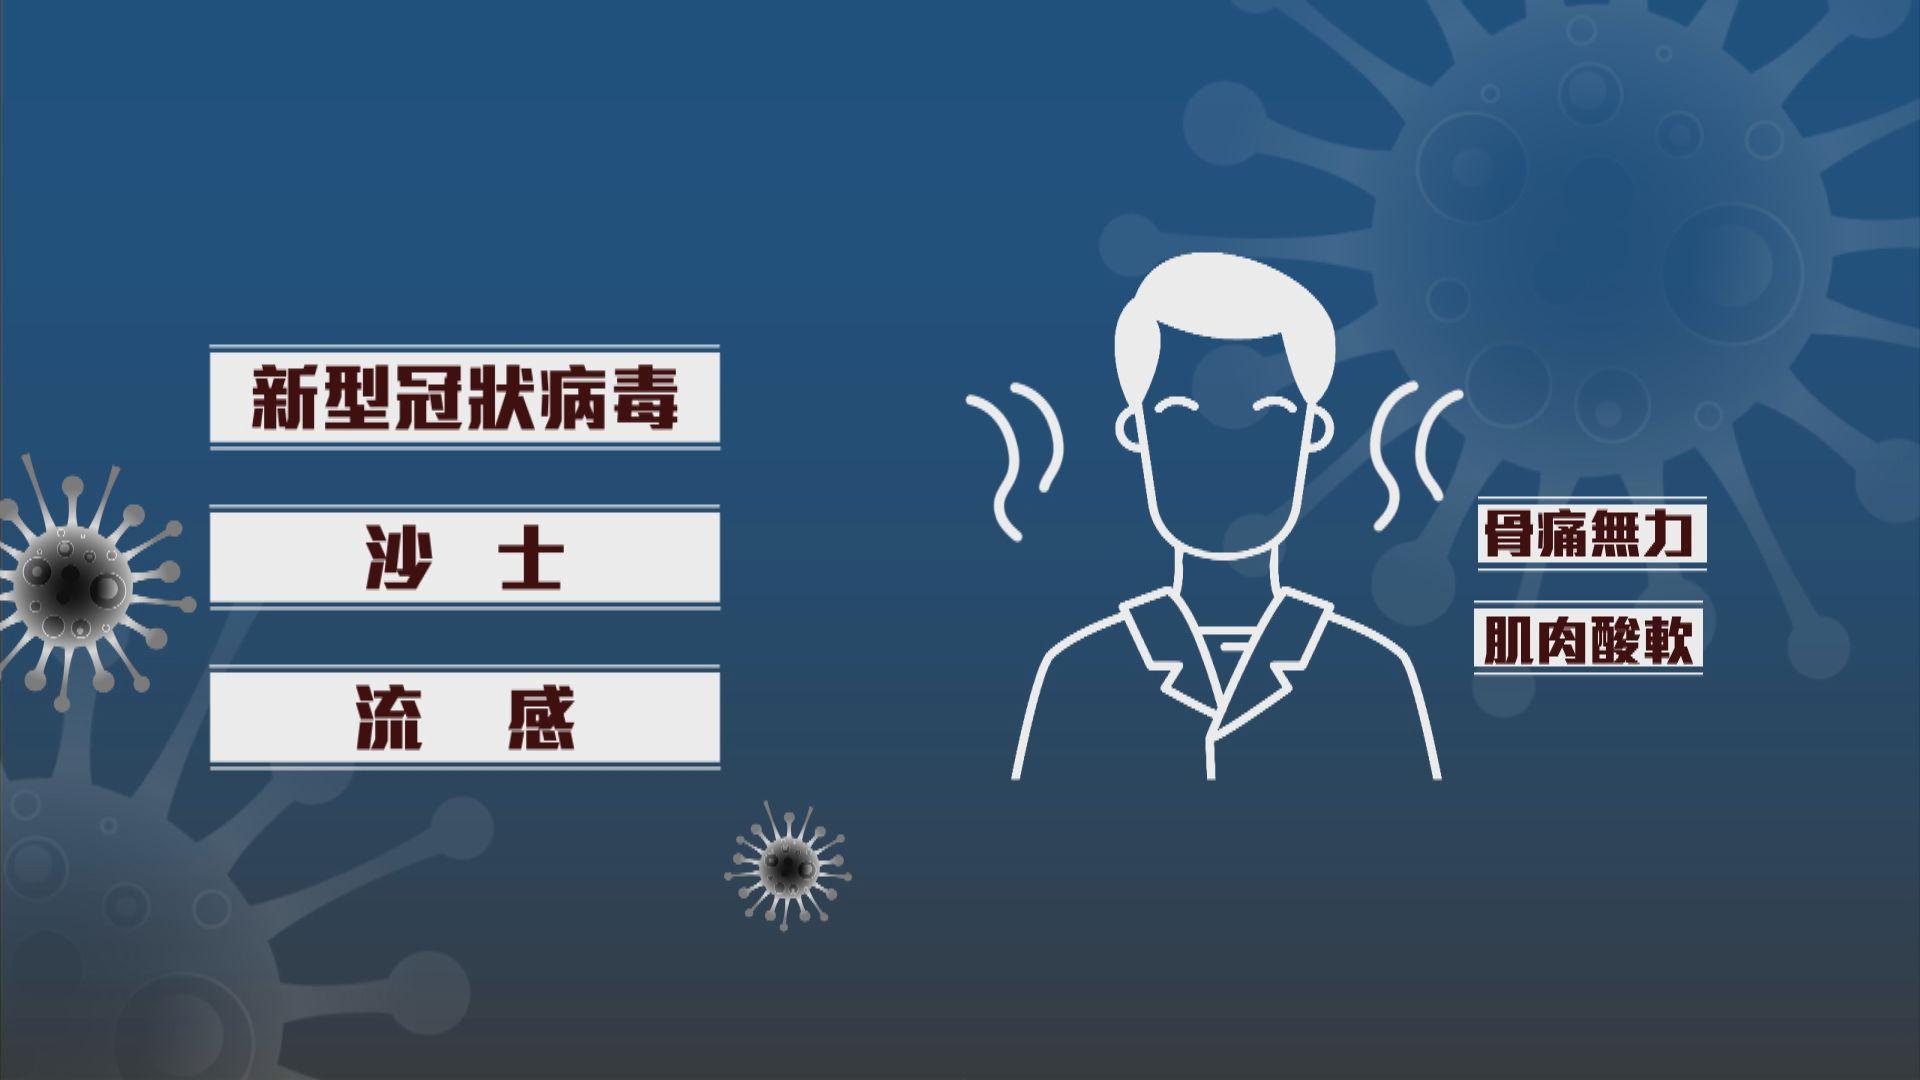 【抗疫一分鐘】新型肺炎、沙士及流感分別